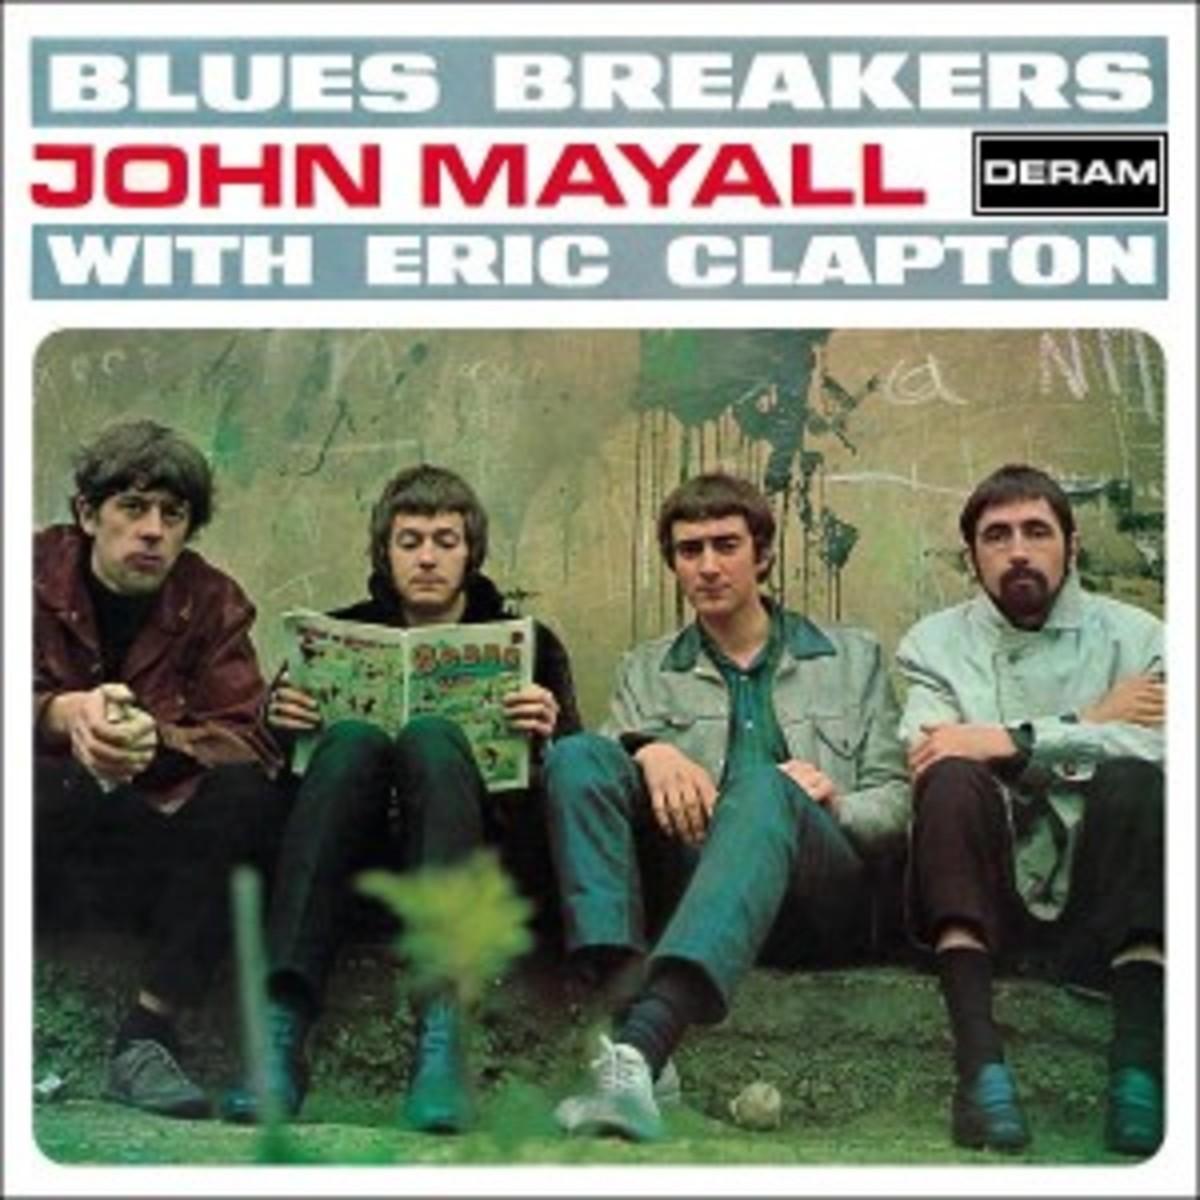 JohnMayallBluesbreakers